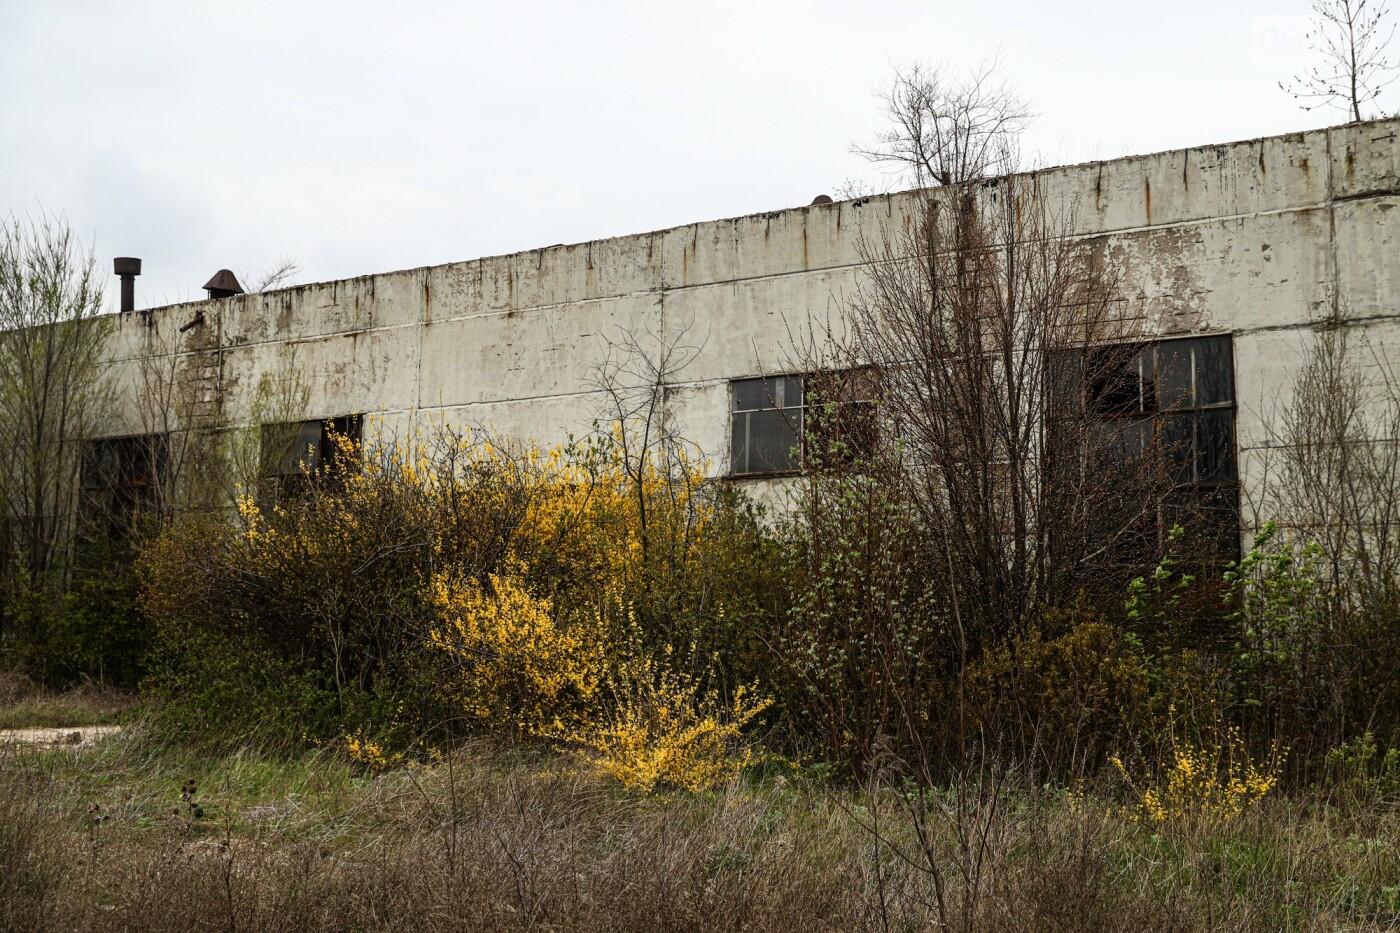 В Степногорске пытаются разобрать на металлолом шахту - промплощадка ГОКа превратилась в руины, - ФОТОРЕПОРТАЖ , фото-34